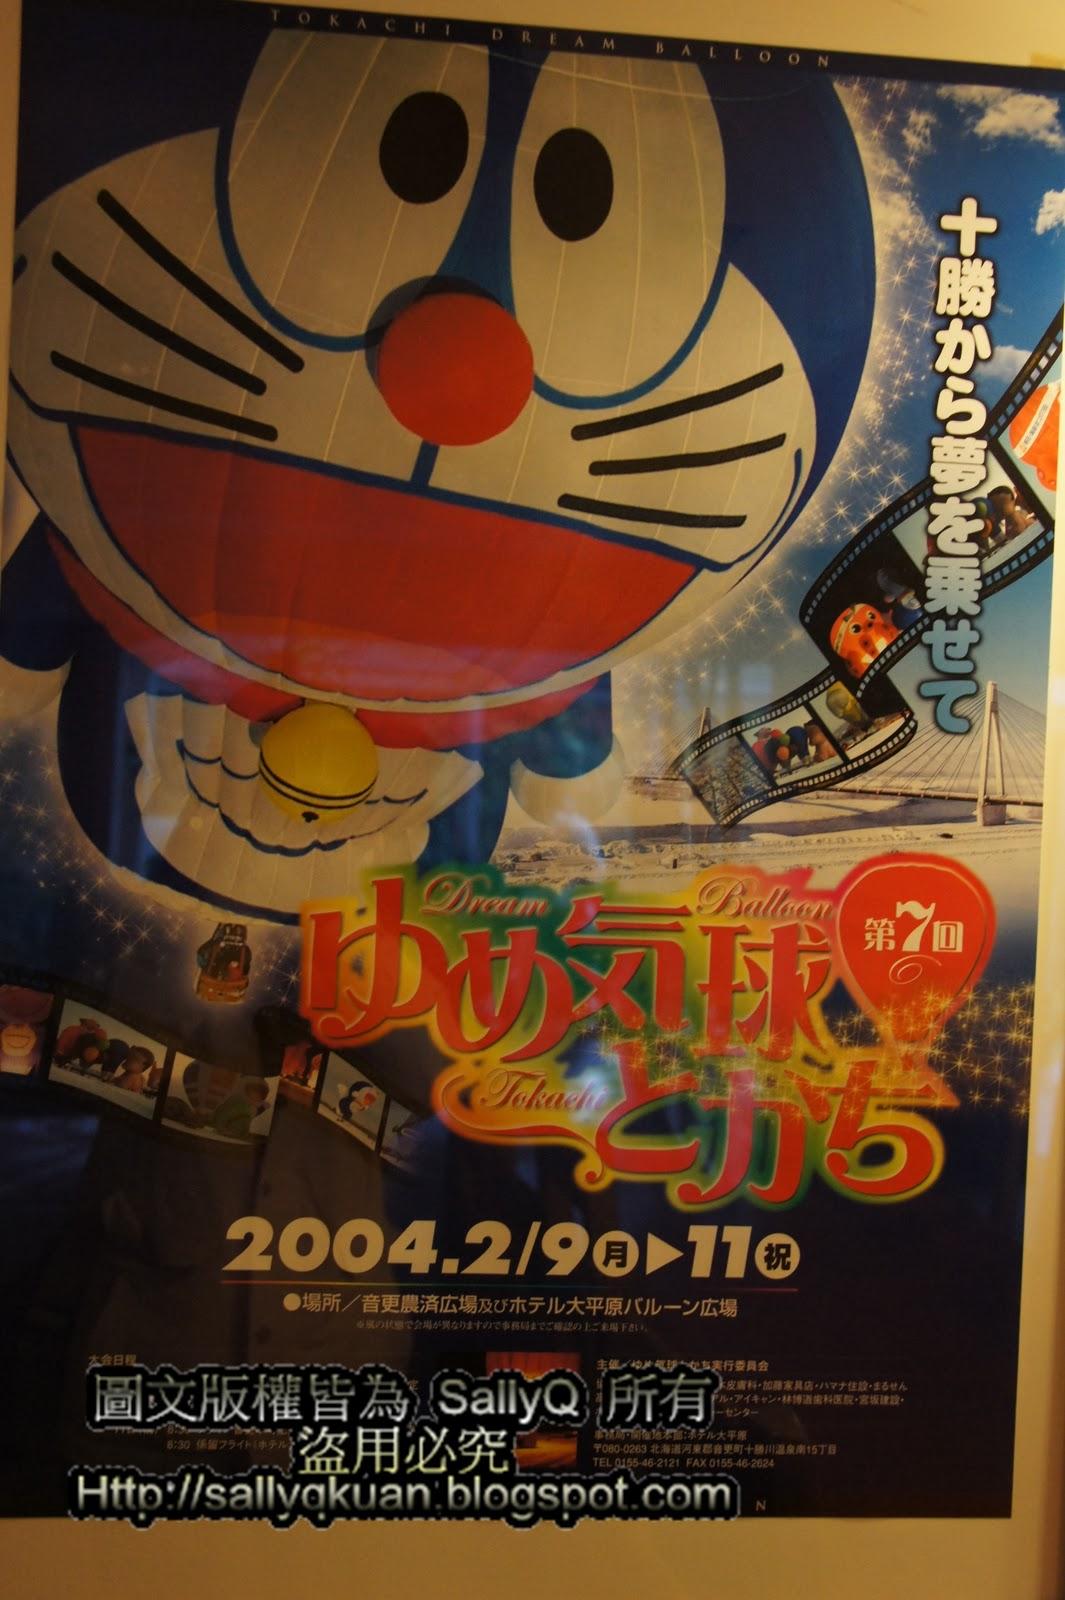 【海外】2011在北海道(4):十勝大平原溫泉飯店搭乘熱氣球 | sallyq975